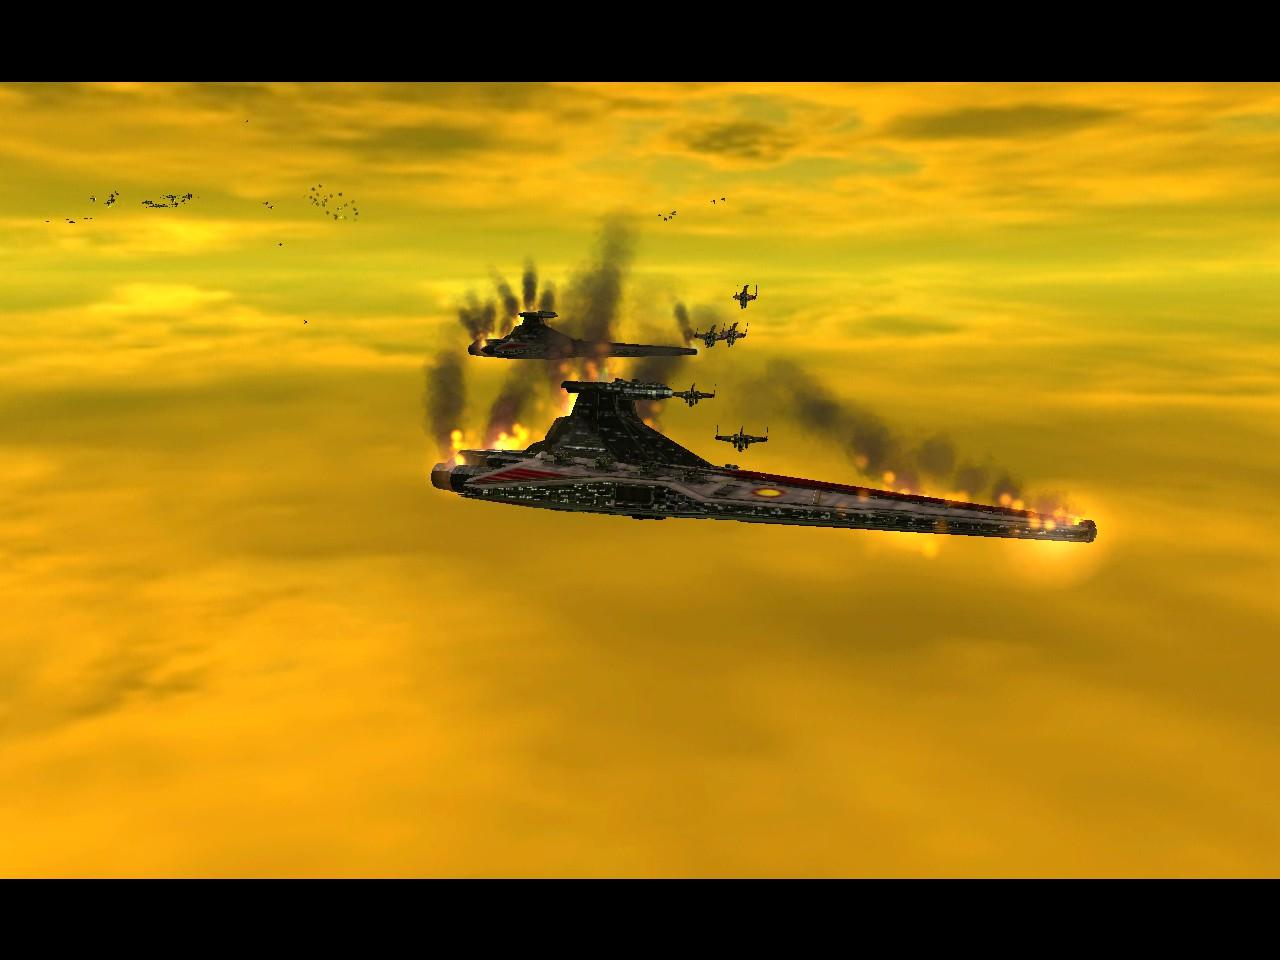 2560x1440 star wars republic - photo #43